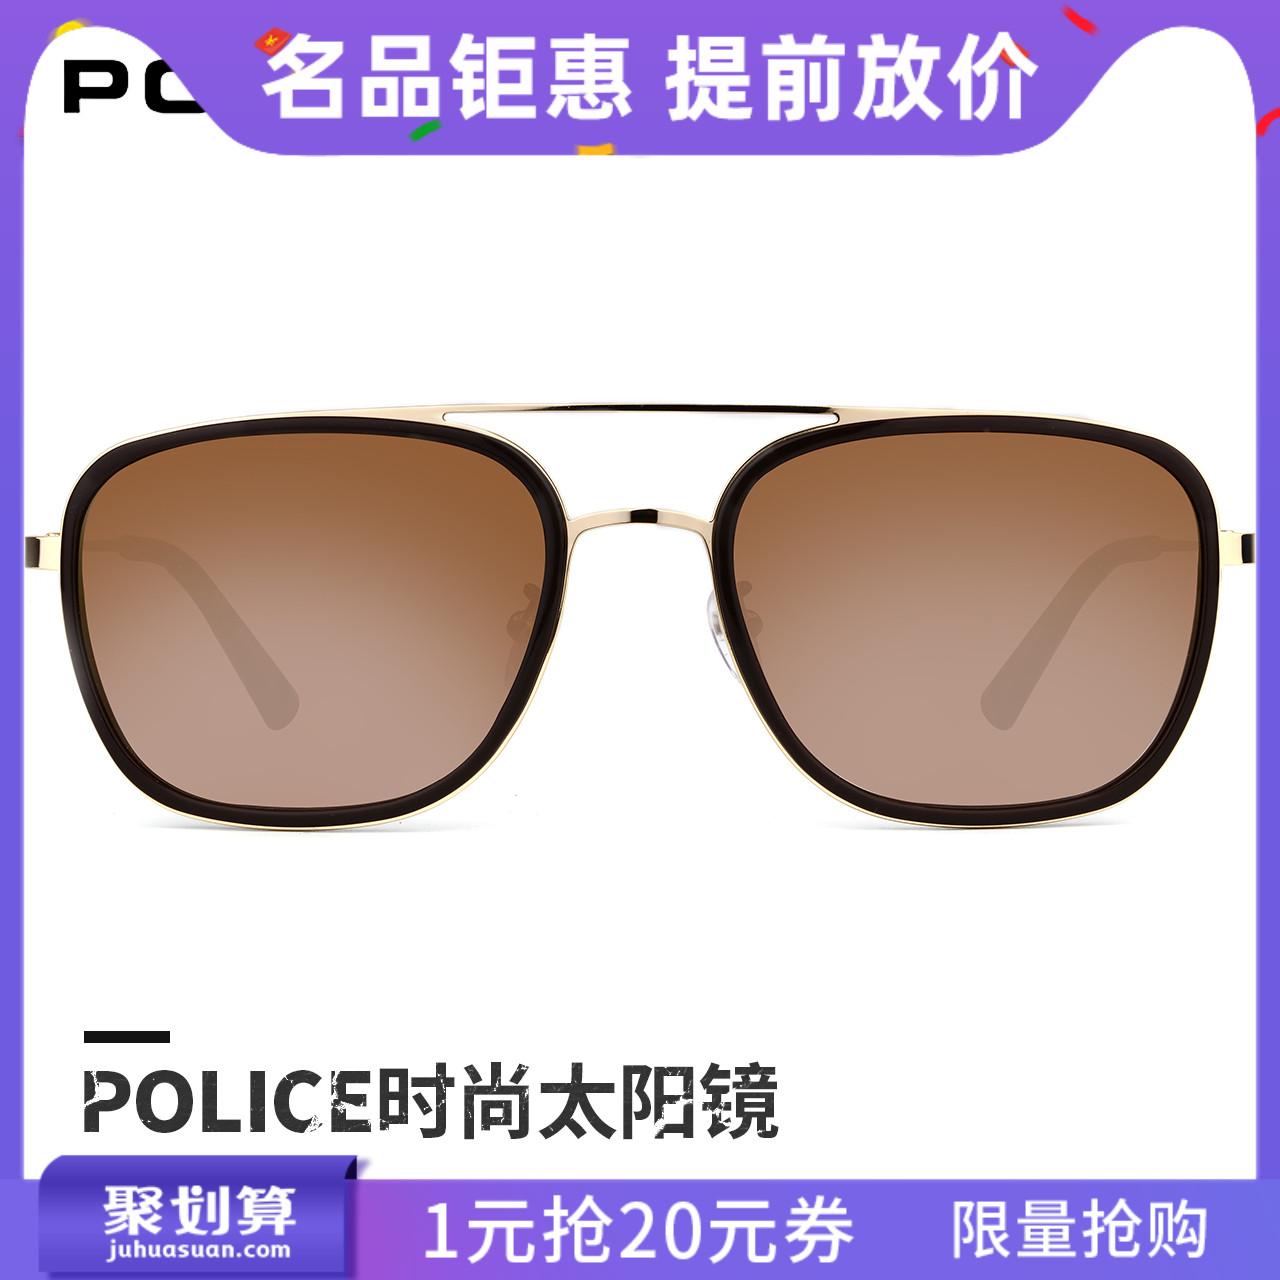 POLICE眼镜池昌旭同款新偏光墨镜男简约潮流前卫太阳镜女SPL460G